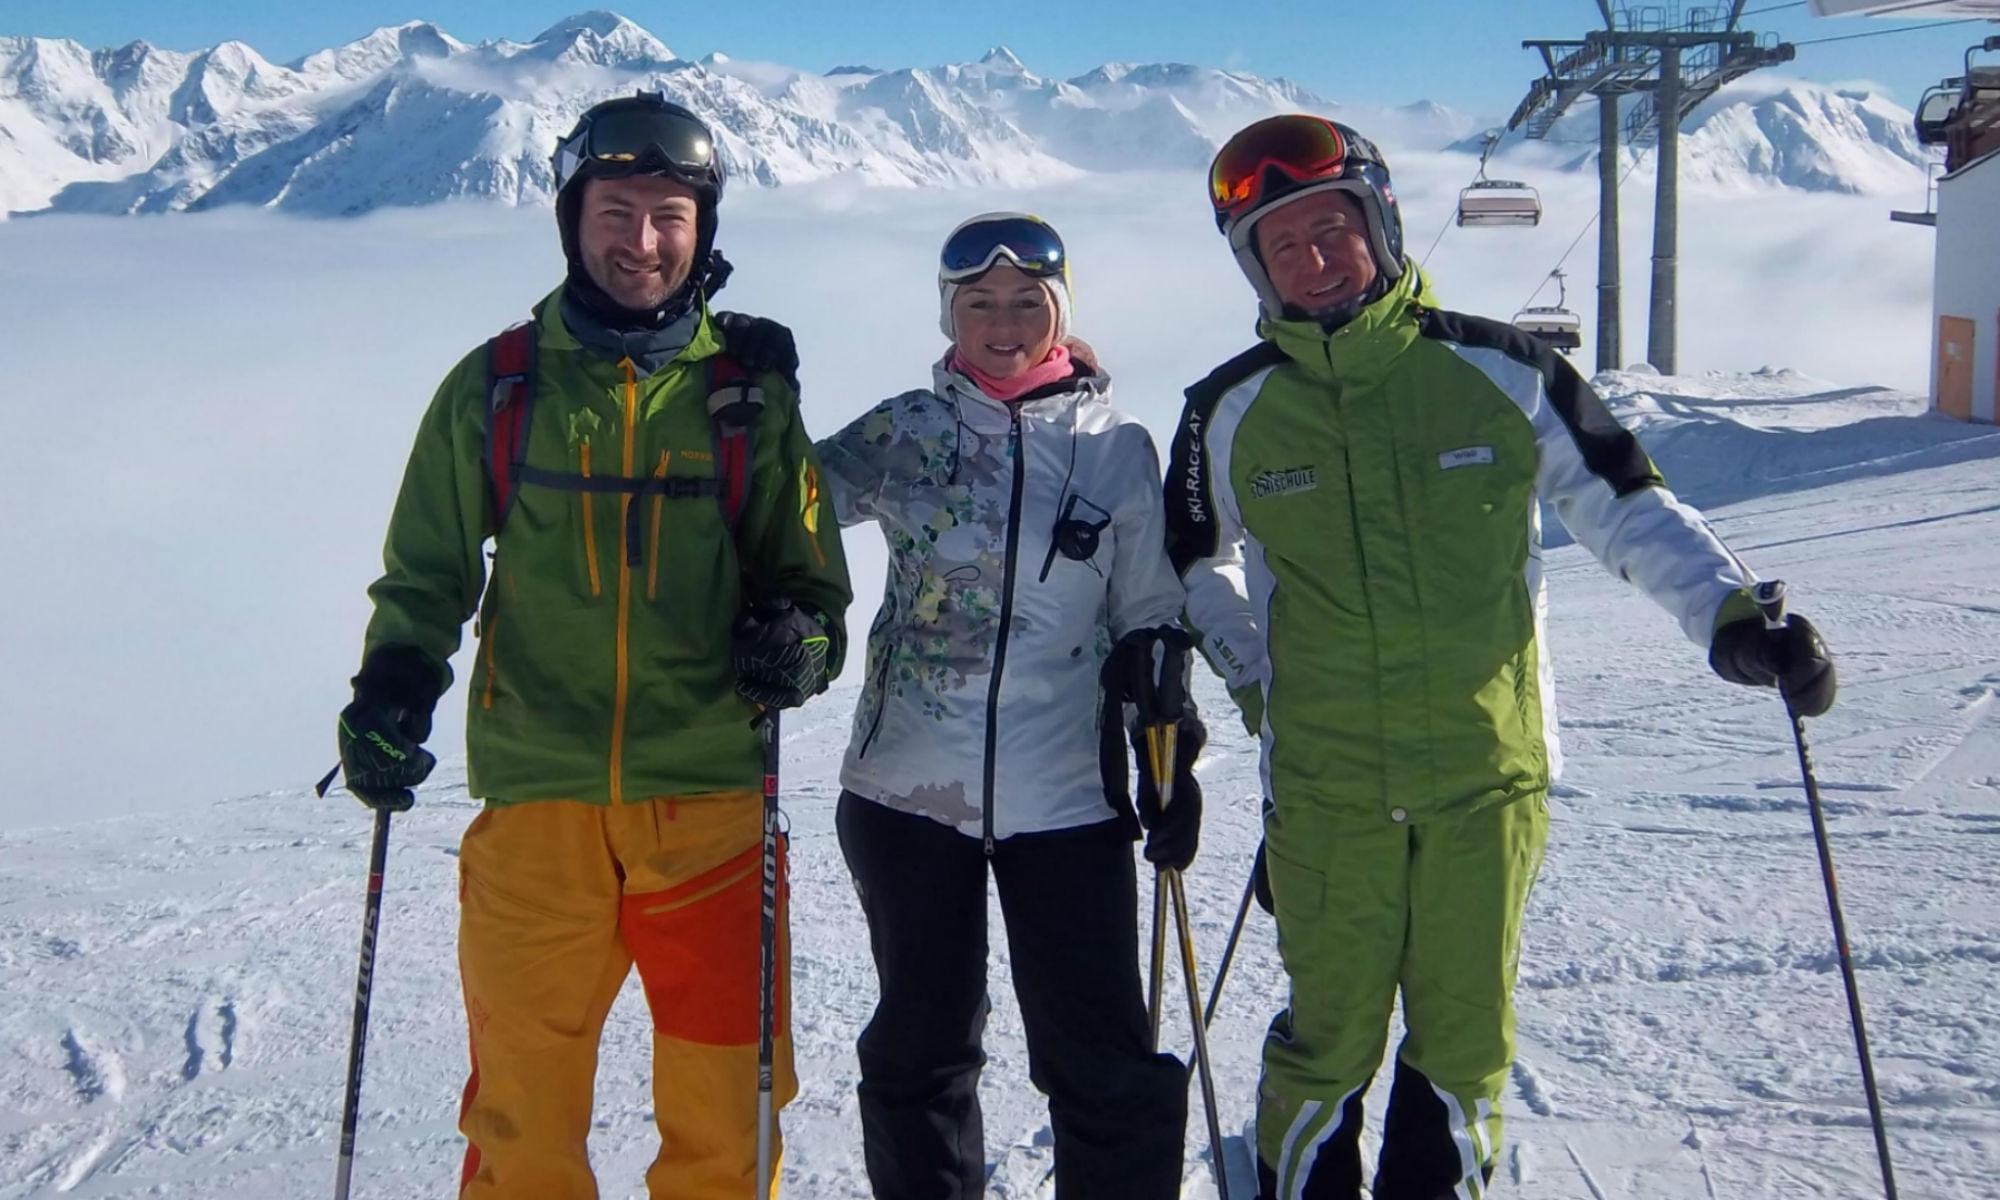 2 Skikurs Teilnehmer zusammen mit einem Skilehrer auf einer sonnigen Piste in Sölden.